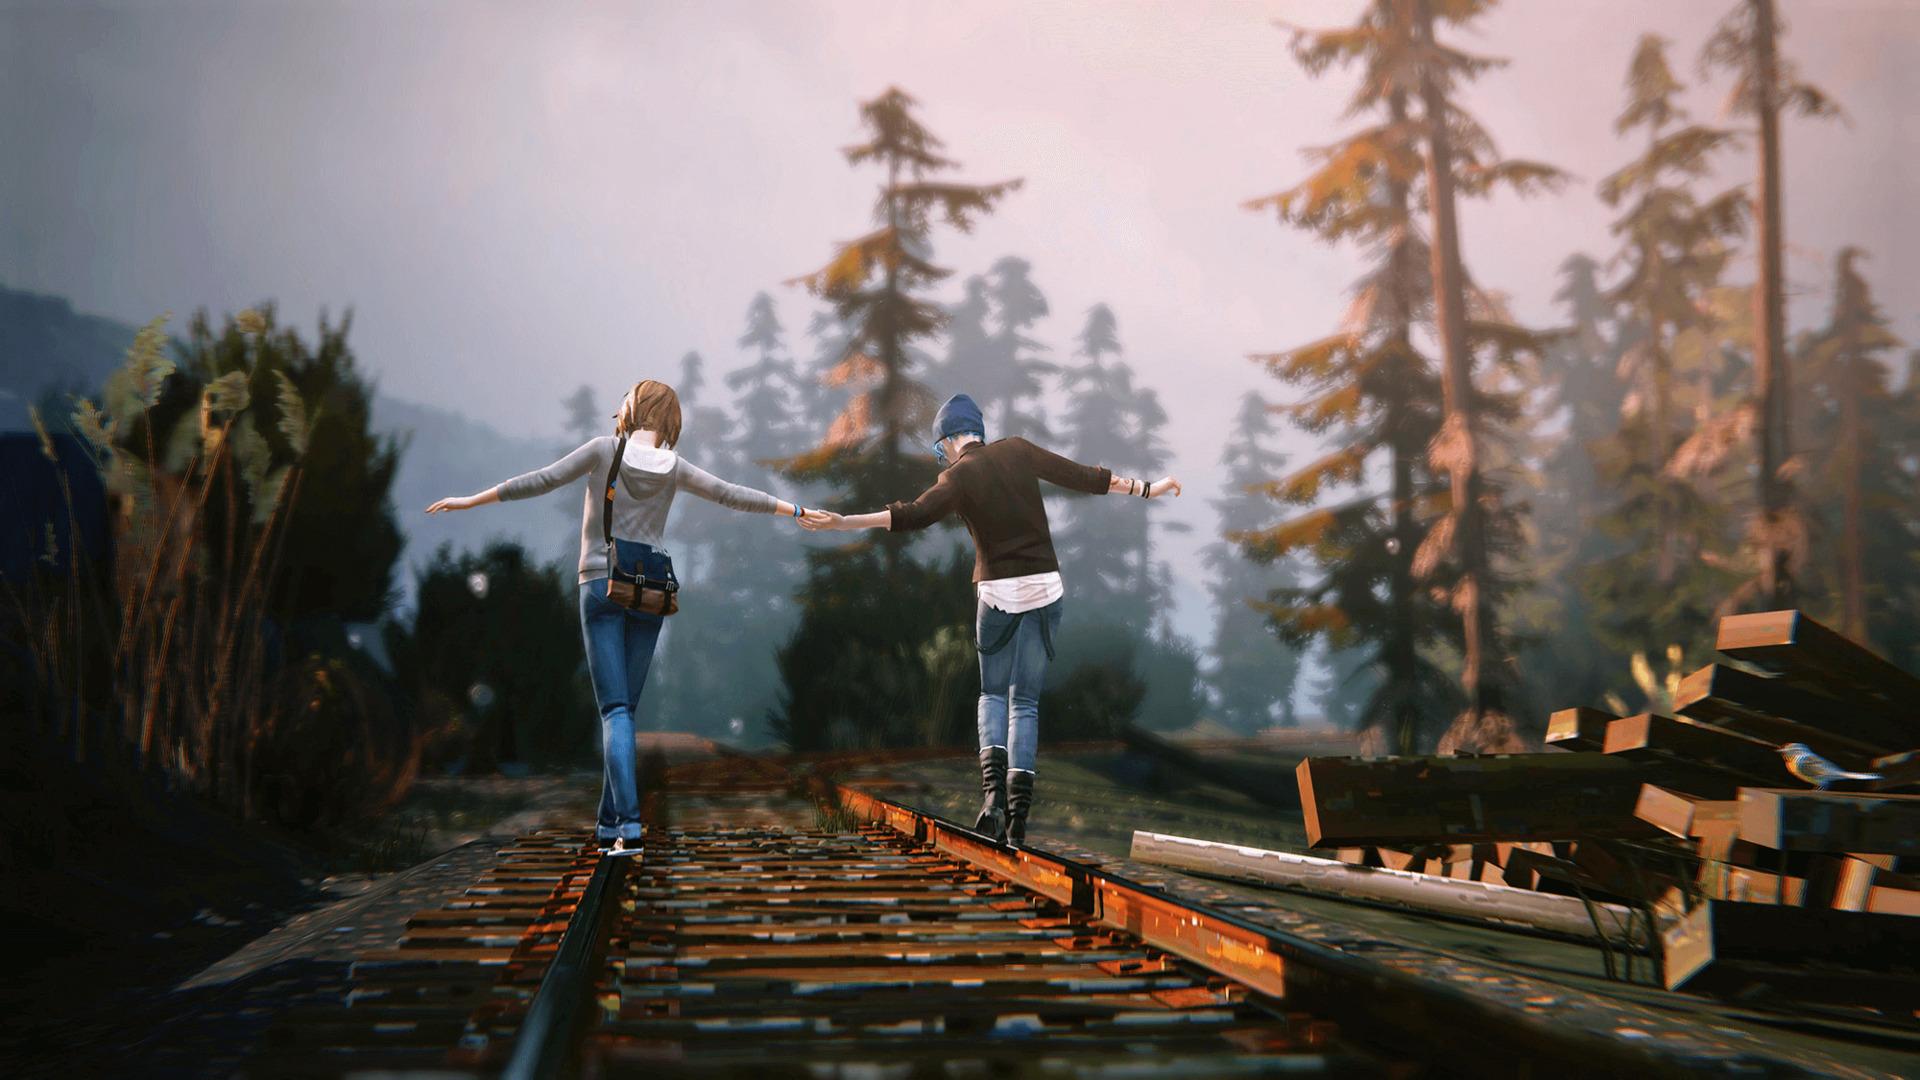 Max et Chloe dans Life is strange